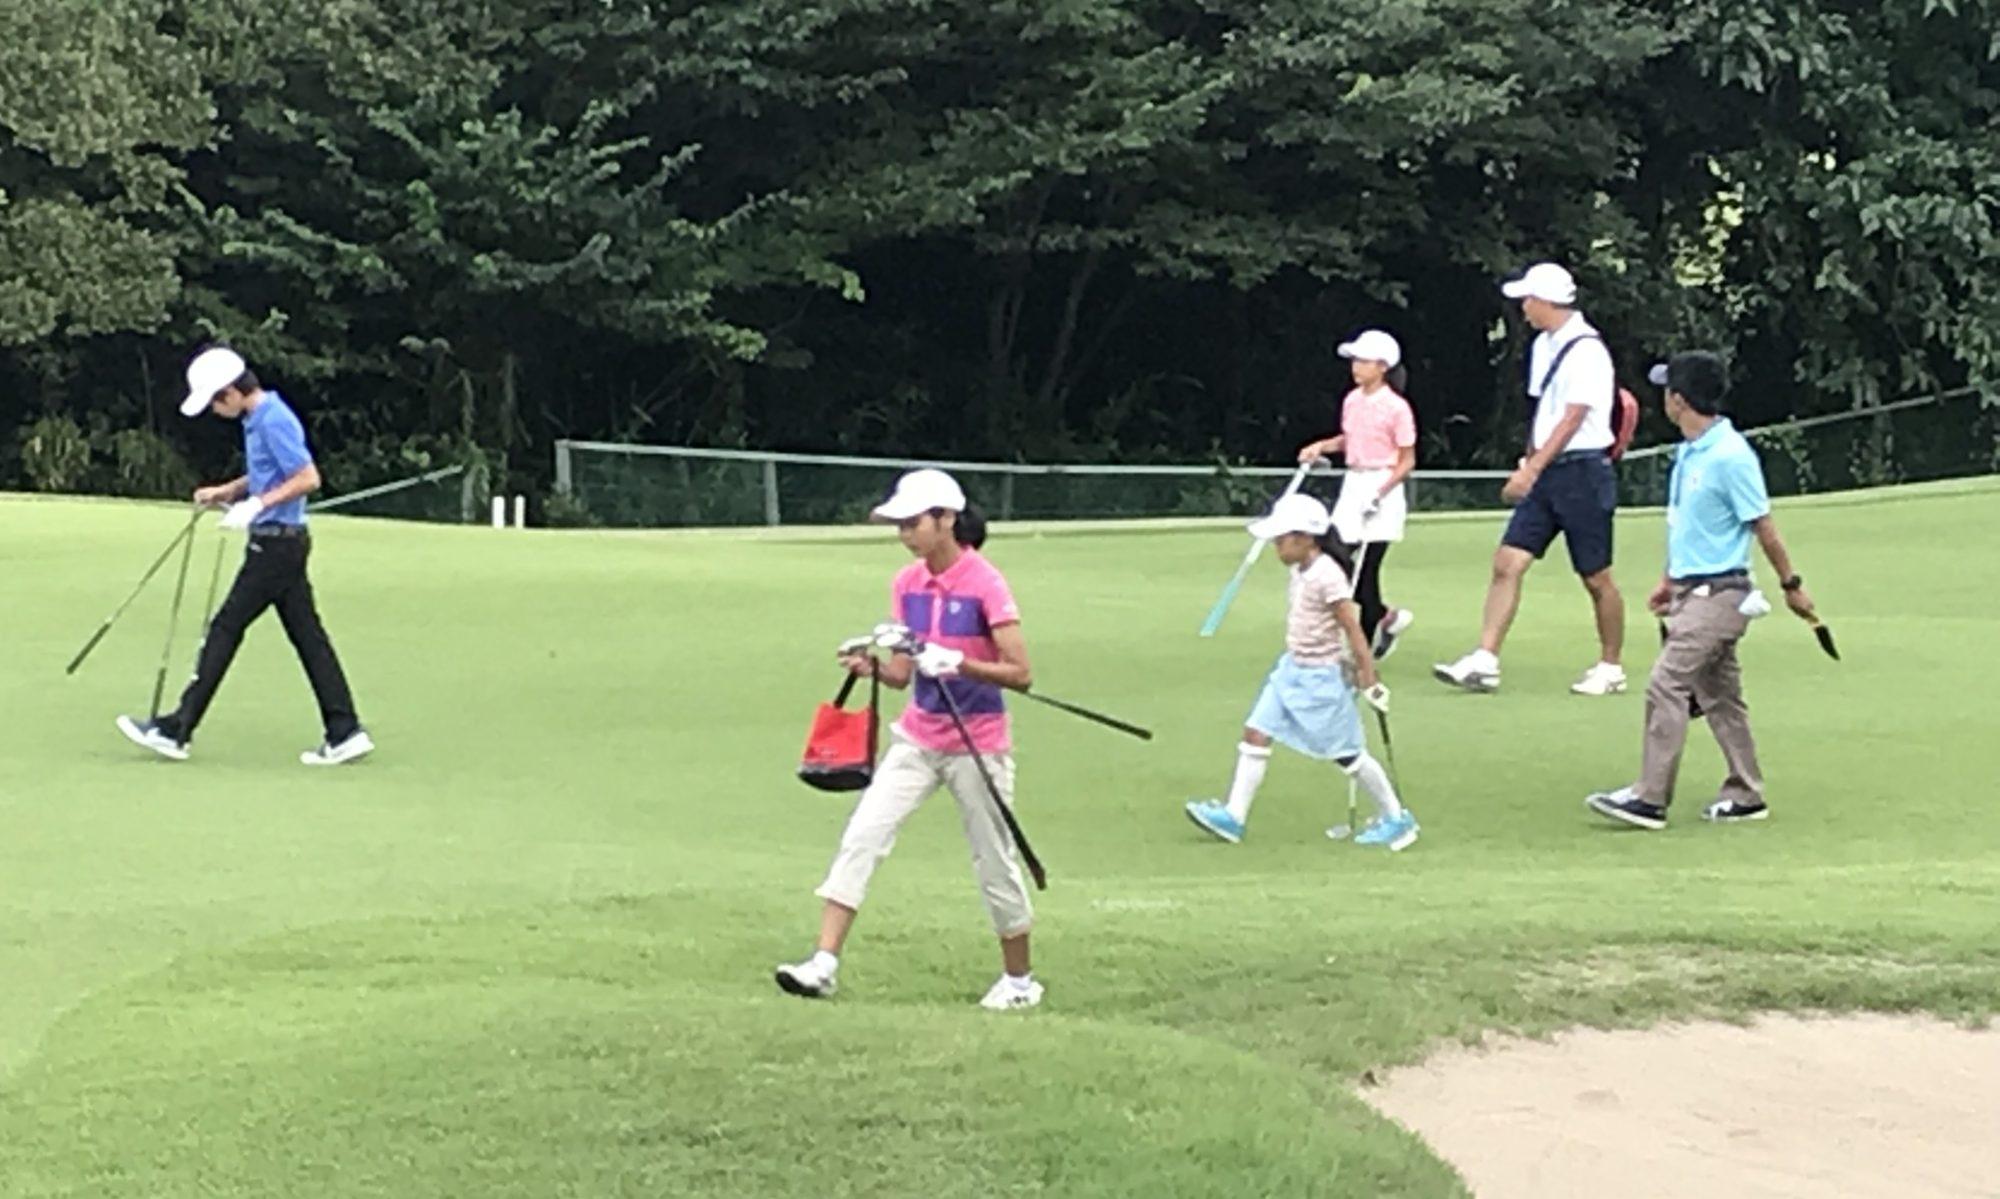 ジュニアゴルファー育成会